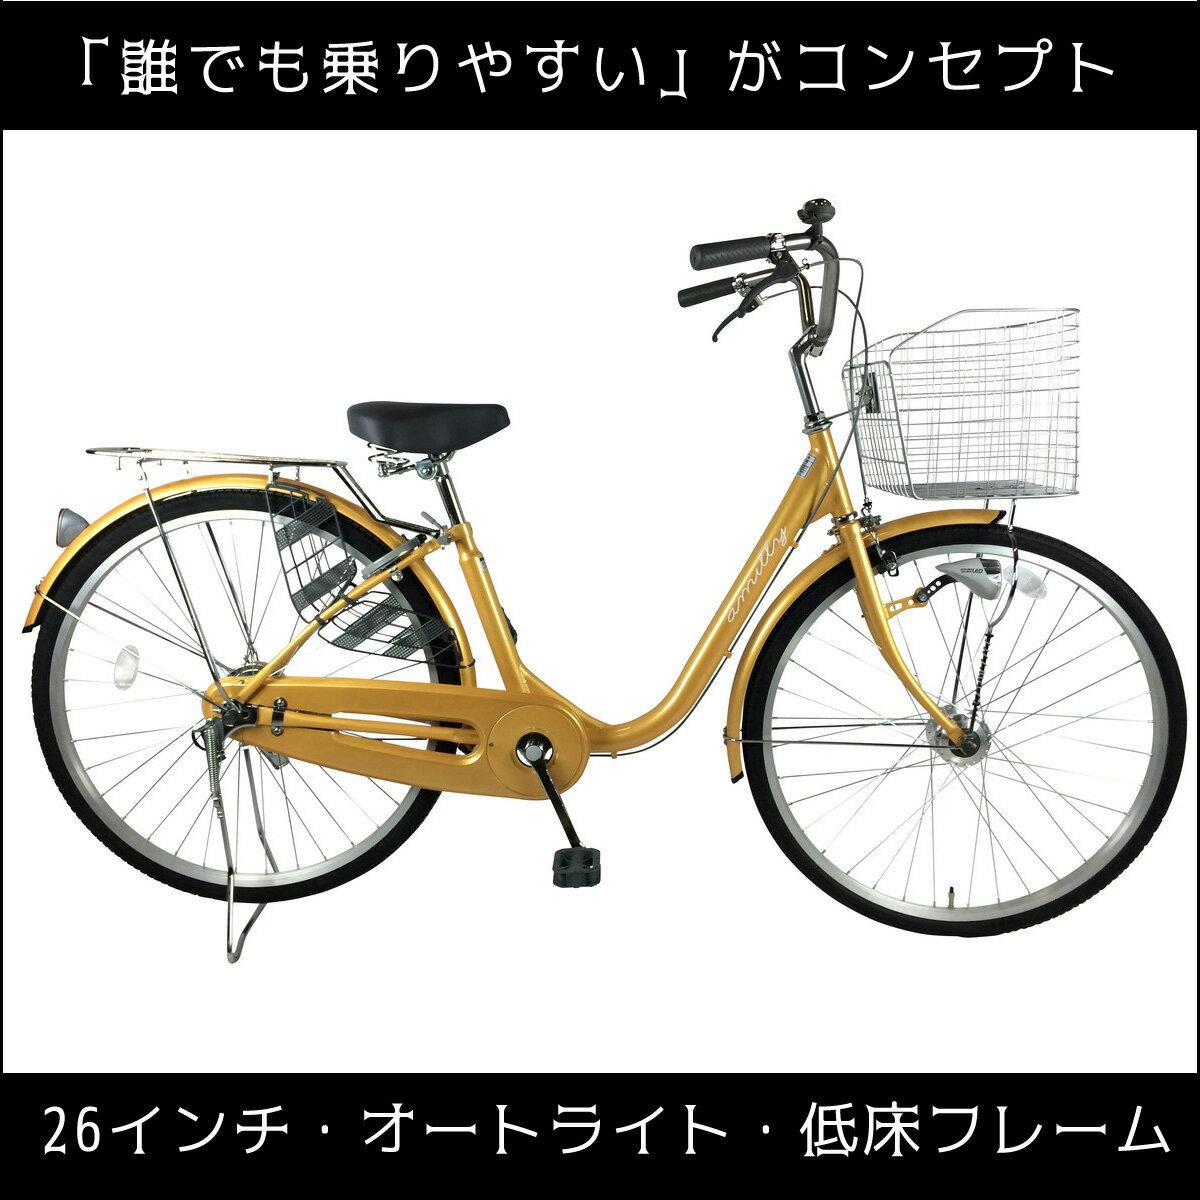 【送料無料 自転車 のやりすい低床フレームで大人気】amilly(アミリー)ママチャリ 軽快車 イエロー 黄色 自転車 ギアなし 26インチ オートライト 鍵付きのママチャリ 激安 格安 26インチママチャリ自転車 女性に優しい設計のママチャリ。通勤・通学や買い物、新生活や入学就職のプレゼントとしても利用でき、誕生日にも自転車 激安 格安